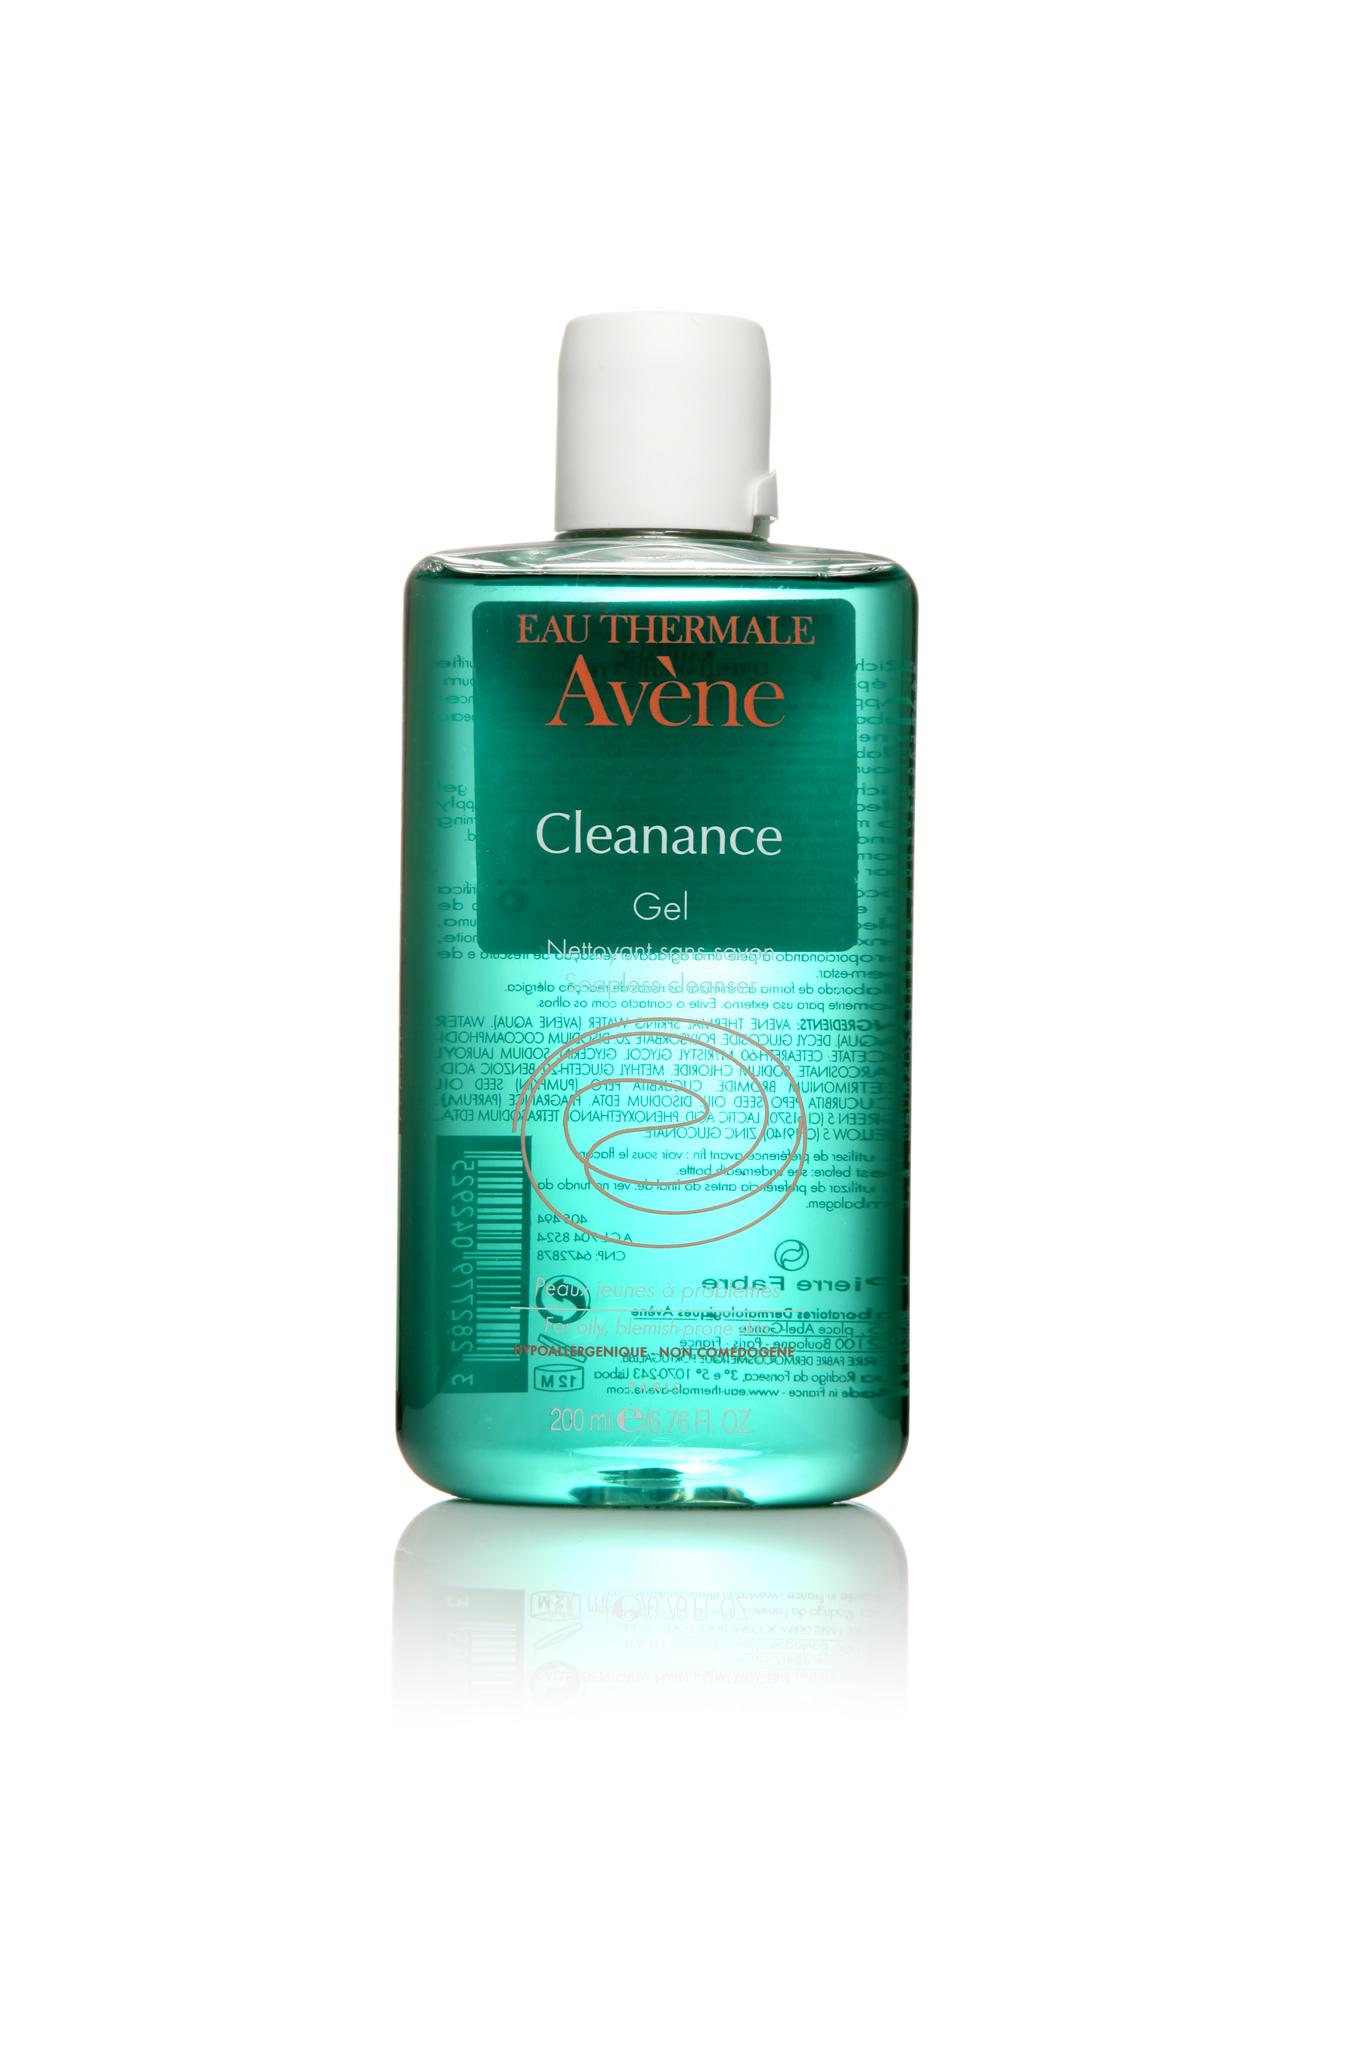 Avene Cleanance очищающий гель 200 мл.